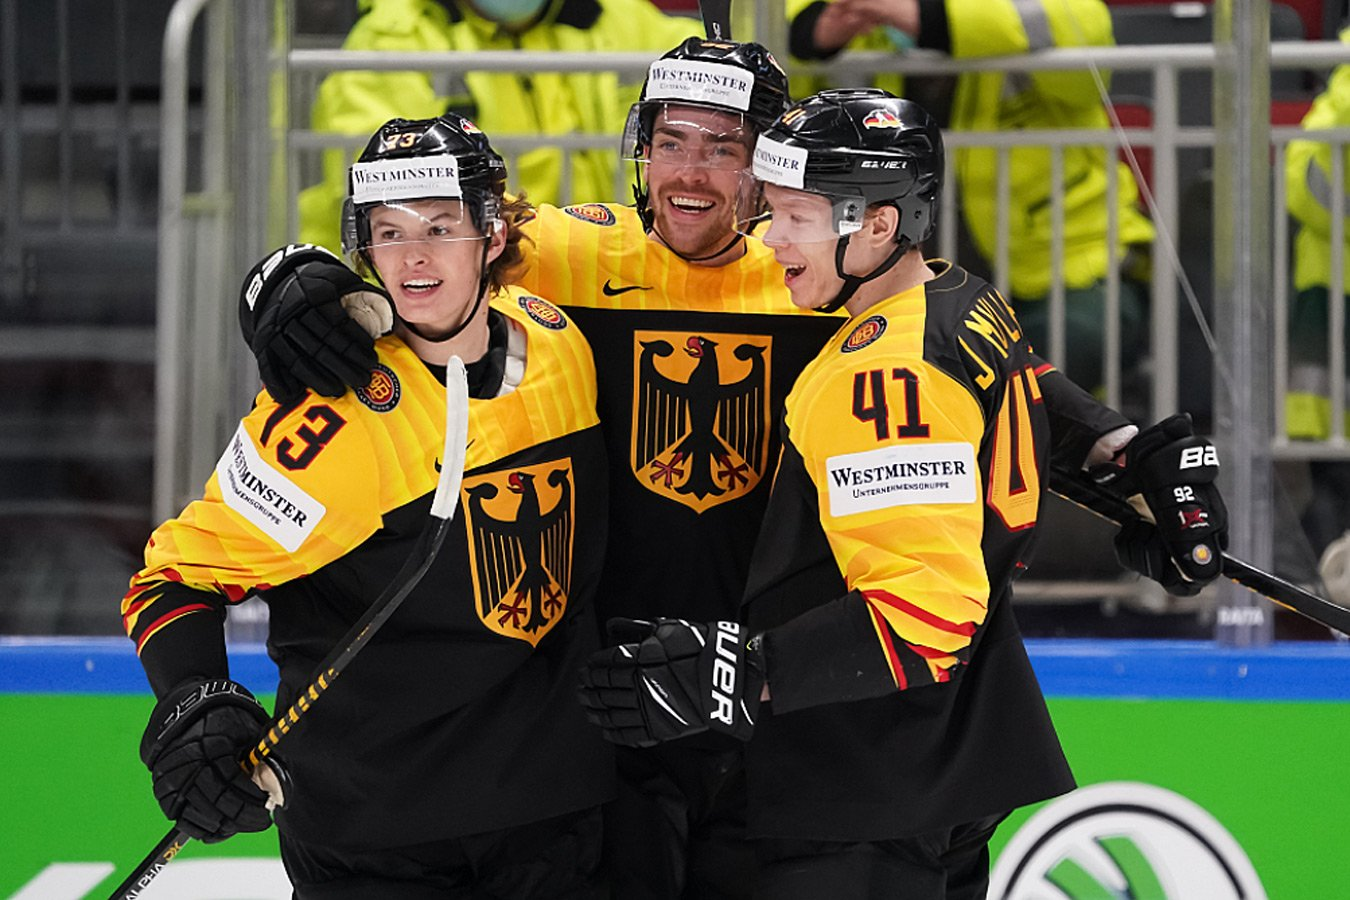 Результаты четвертьфиналов и сетка плей-офф чемпионата мира по хоккею — 2021